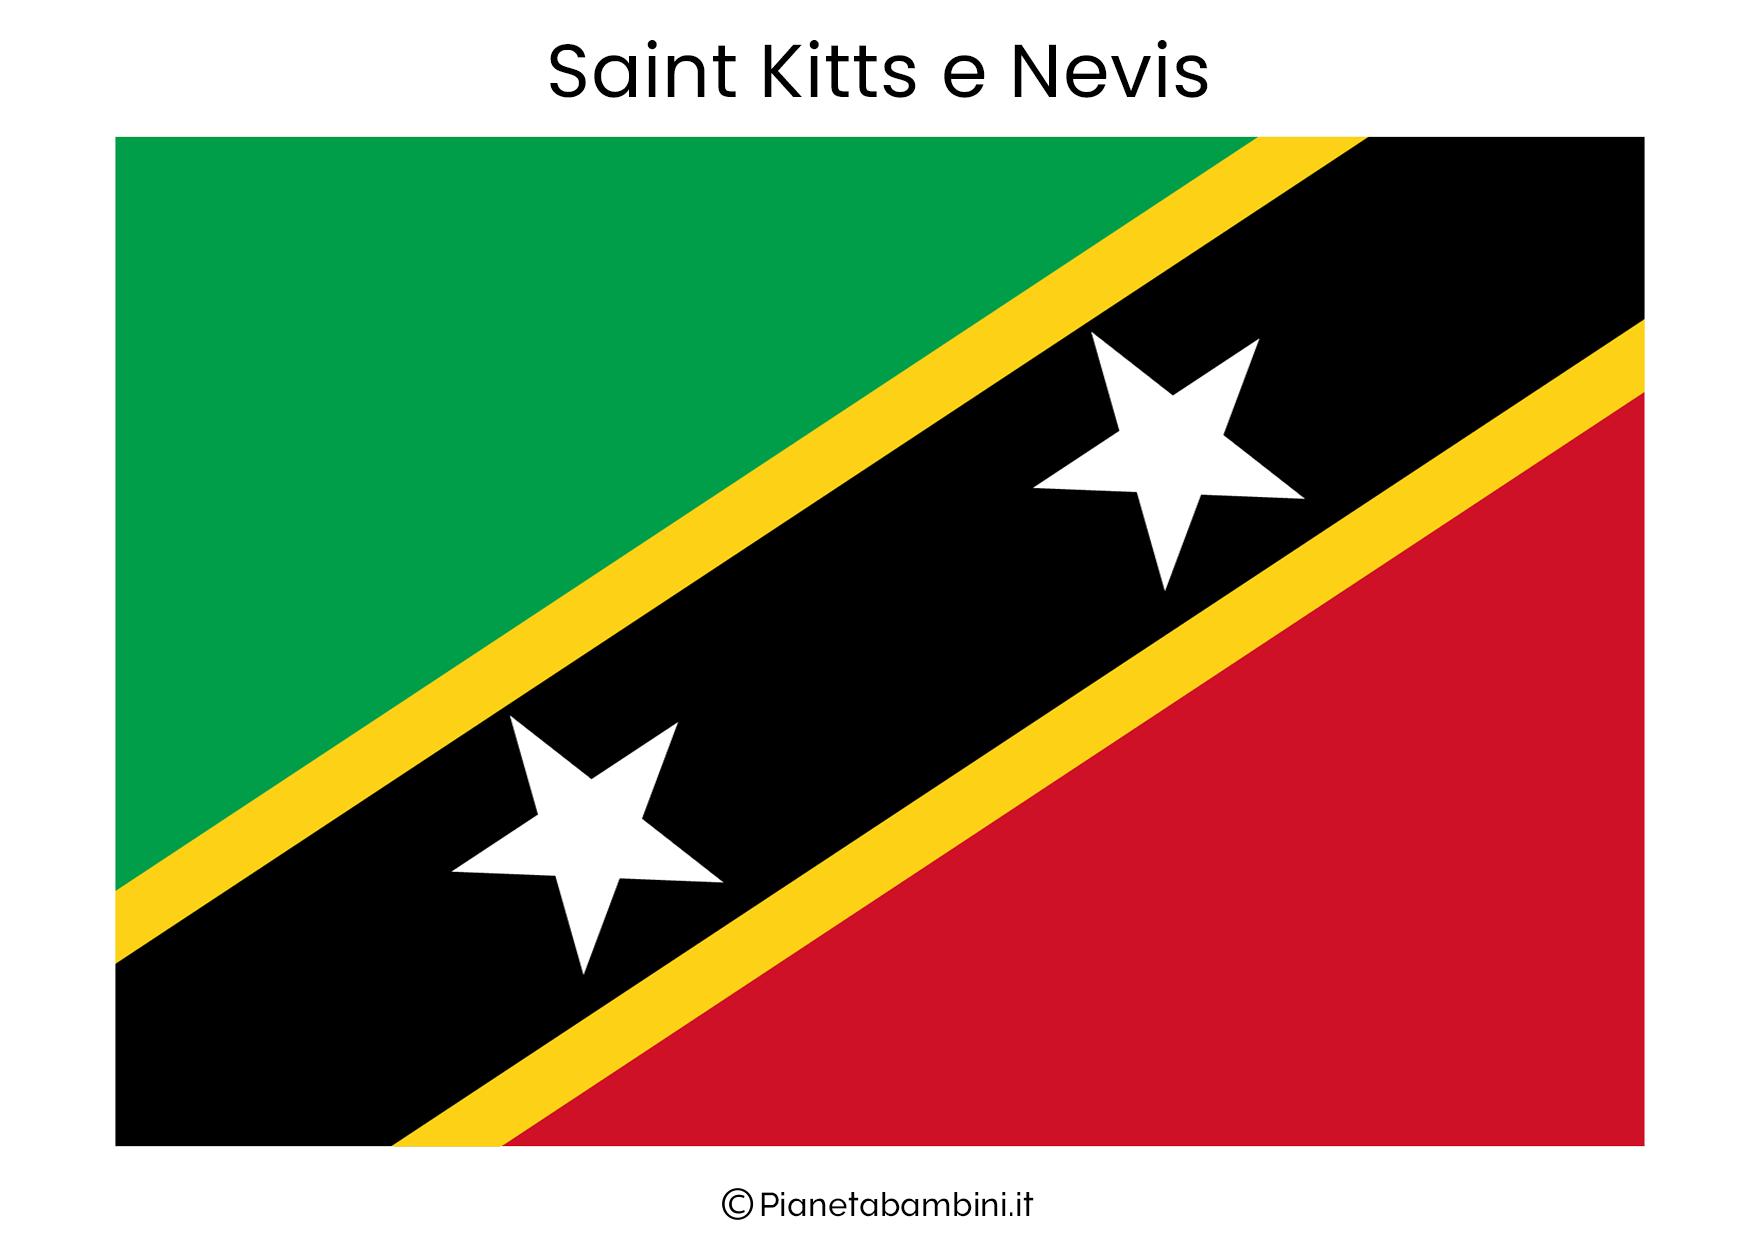 Bandiera di Saint Kitts e Nevis da stampare